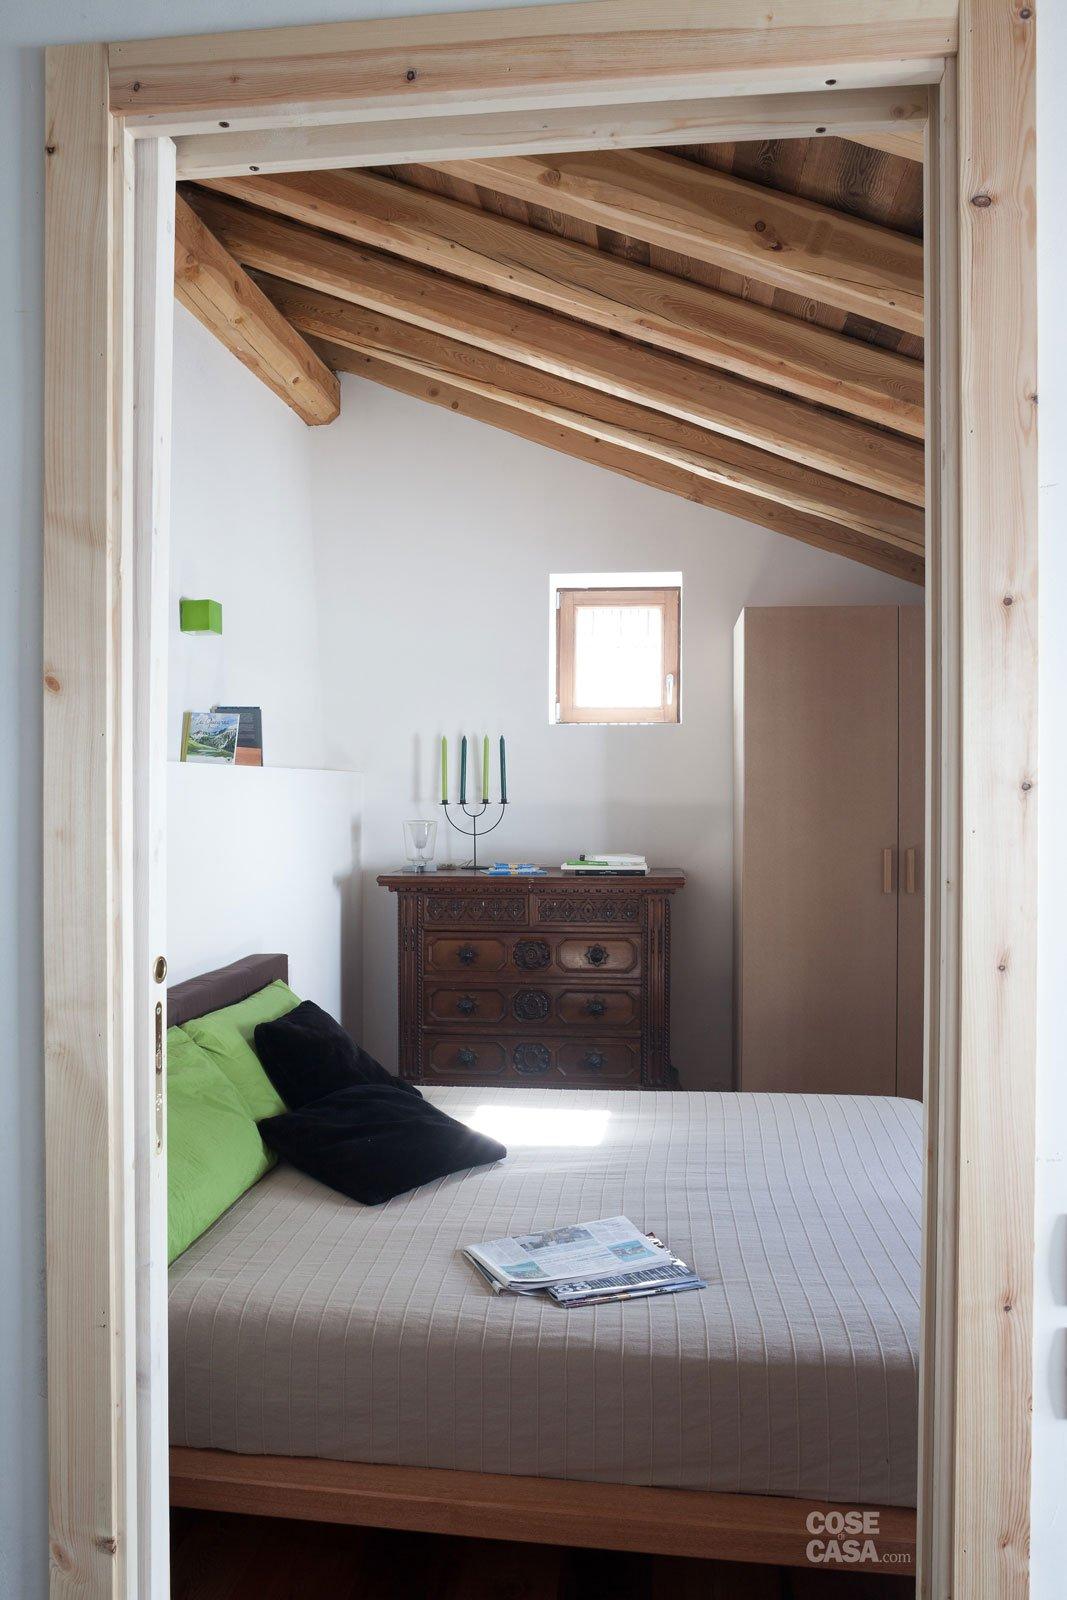 30 30 mq restauro di una tipica casa di montagna cose - Casa di montagna ...